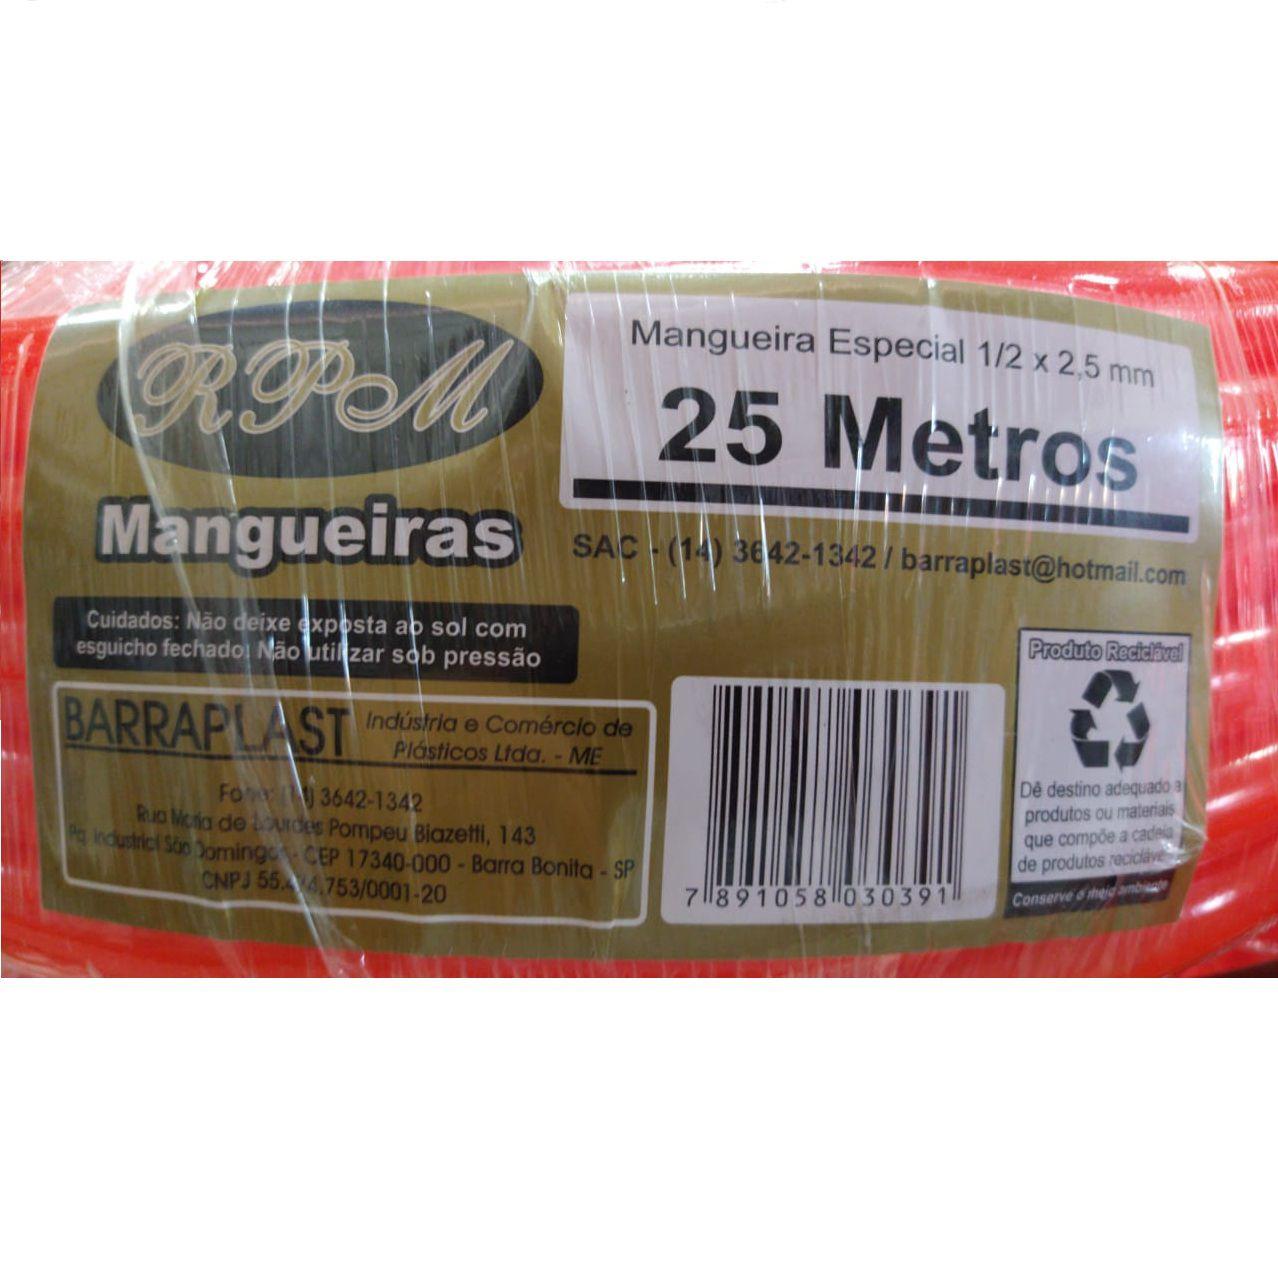 MANGUEIRA SILICONE LARANJA 25METR 1/2X2,5MM